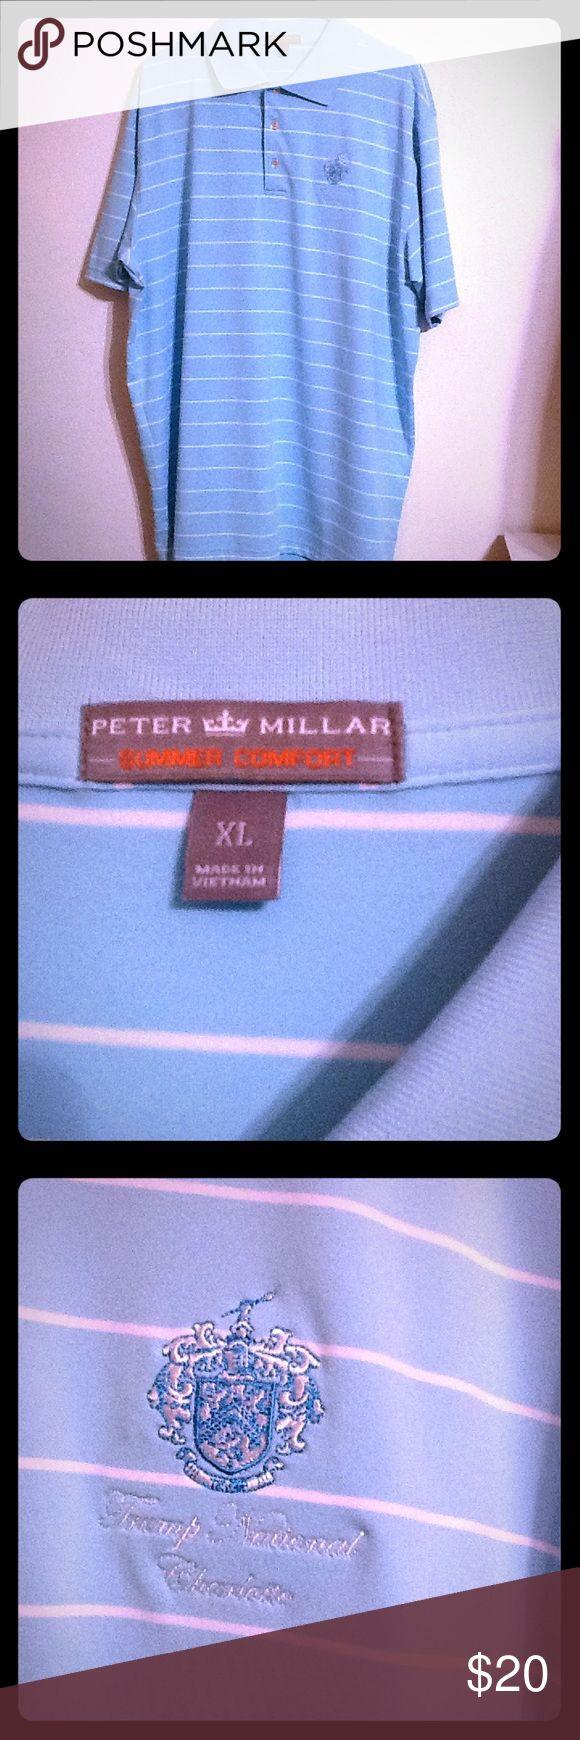 Peter Millar men's Golf Polo Shirt XL Peter Millar Men's Golf Polo . Sz XL. Light Blue with white stripes. Trump National Charlotte Crest. Summer Comfort. Very Nice!! Peter Millar Shirts Polos